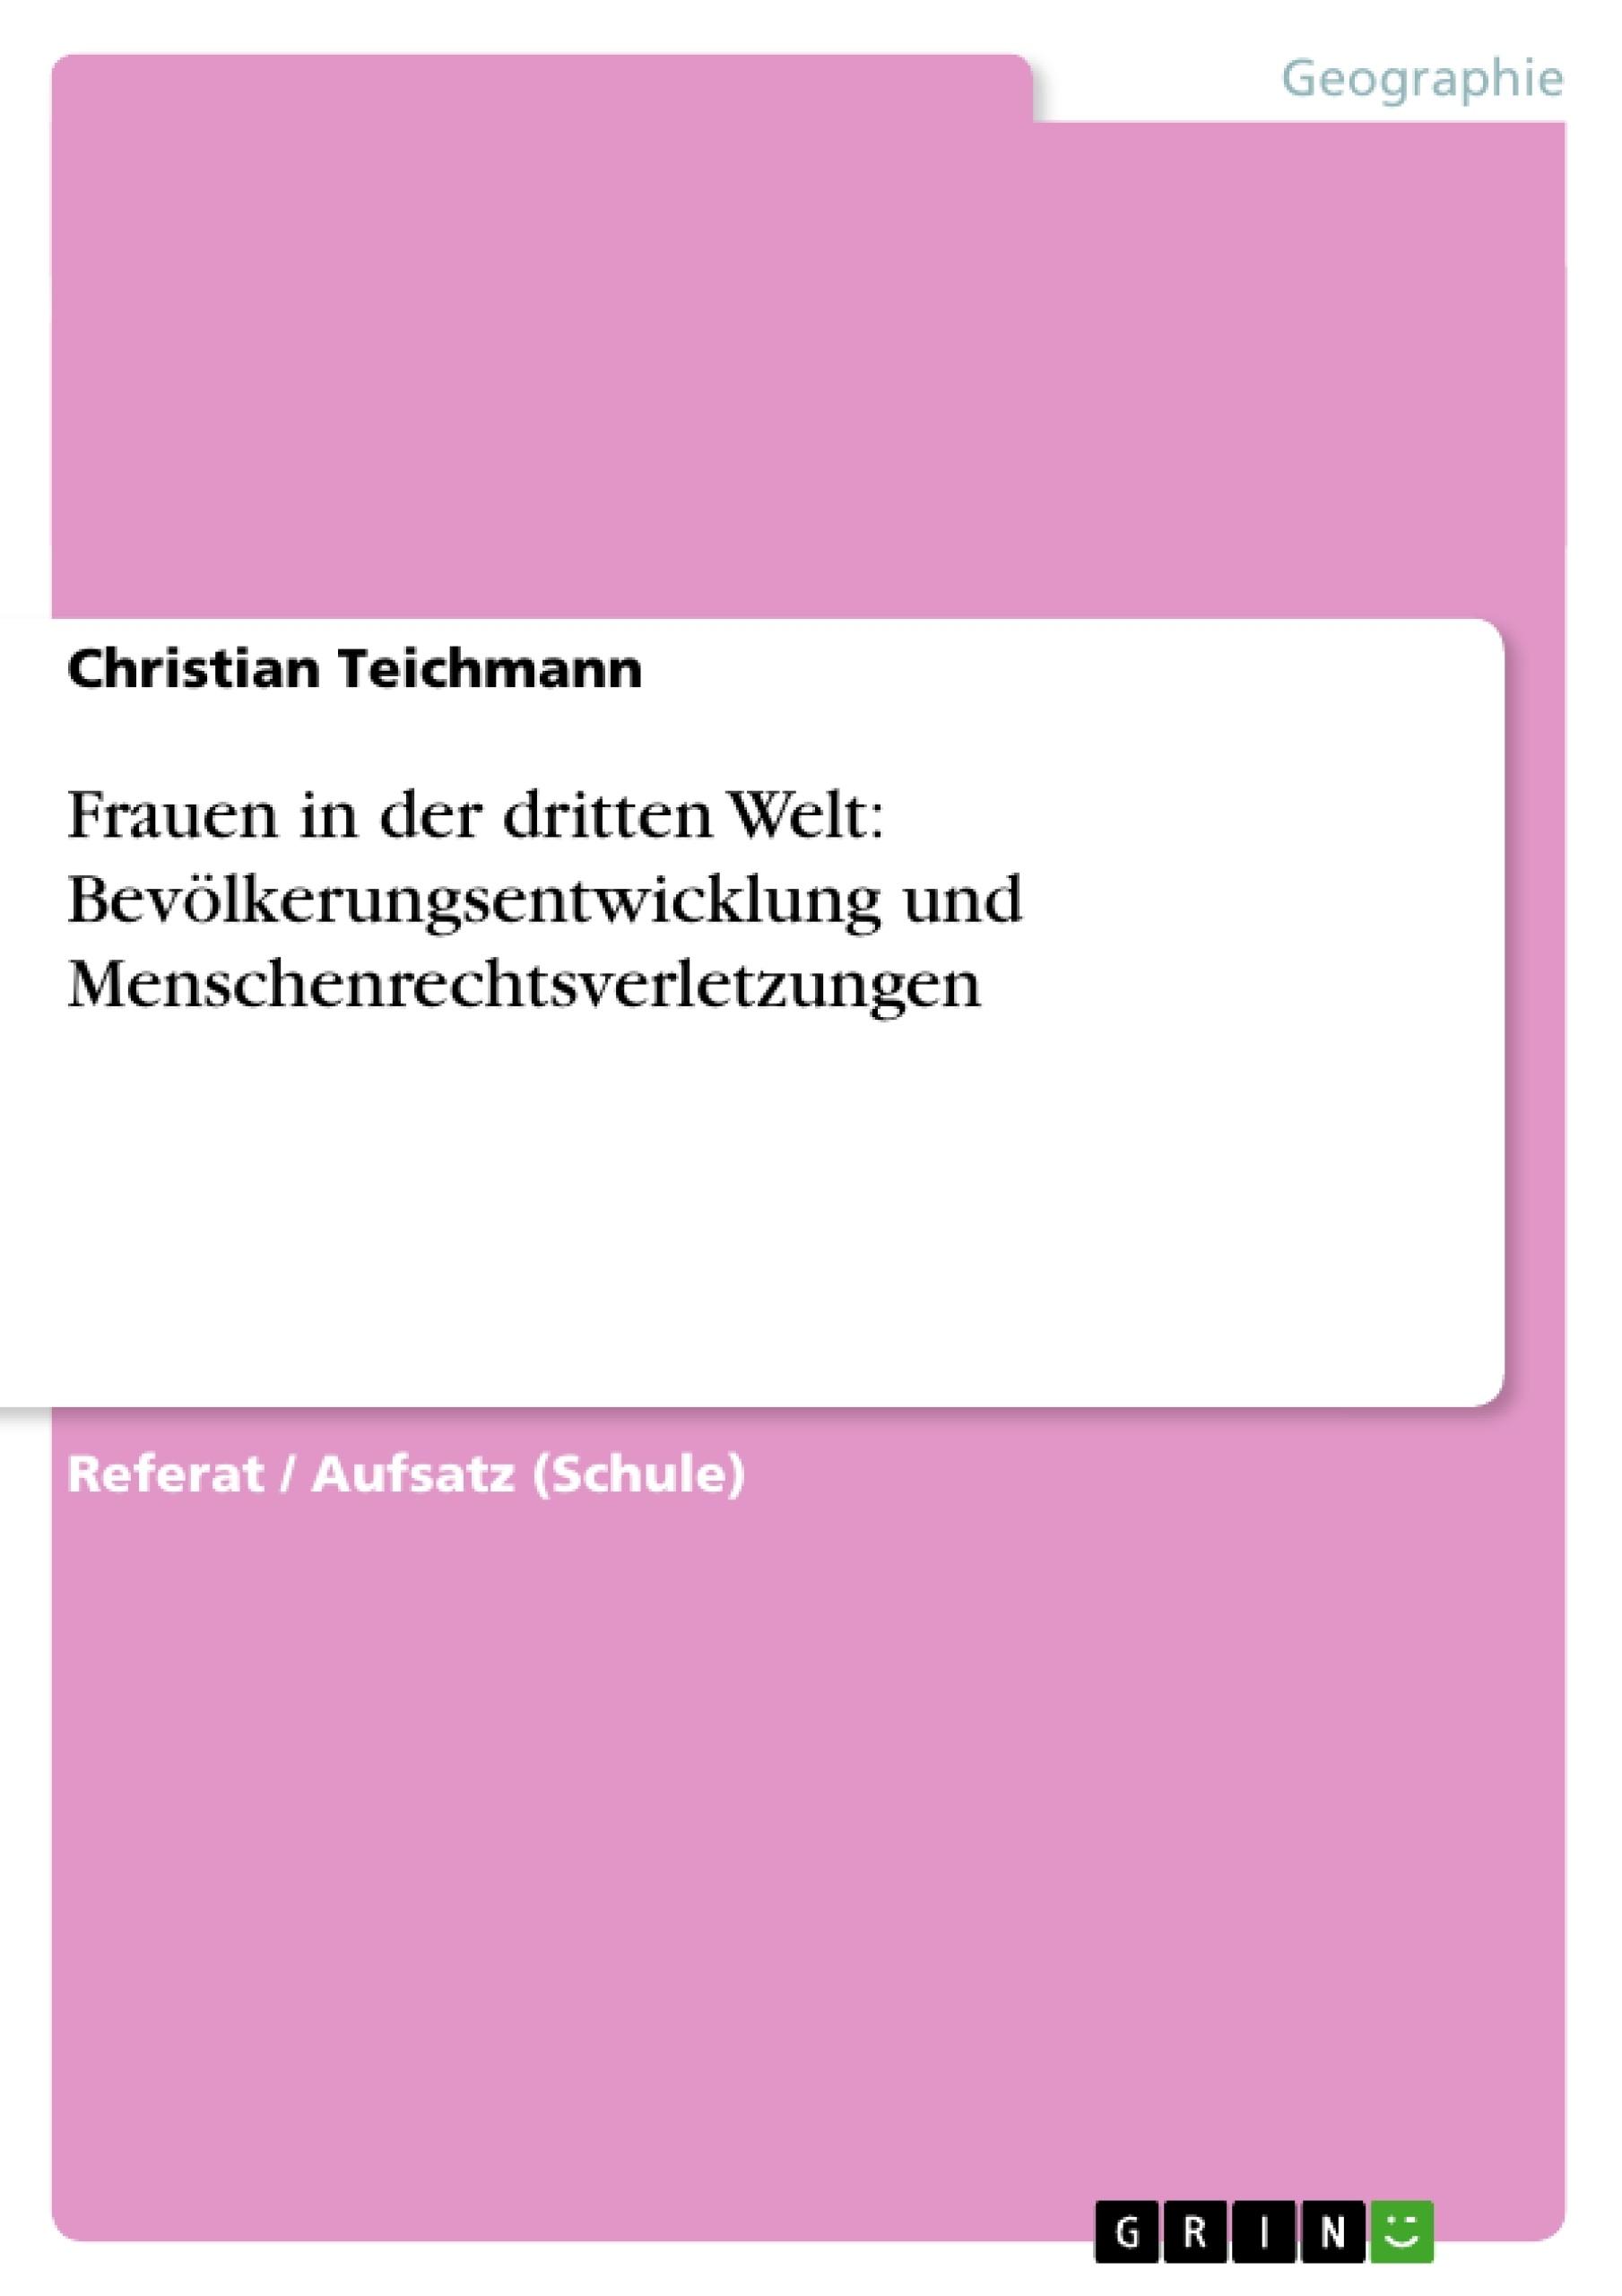 Titel: Frauen in der dritten Welt: Bevölkerungsentwicklung und Menschenrechtsverletzungen